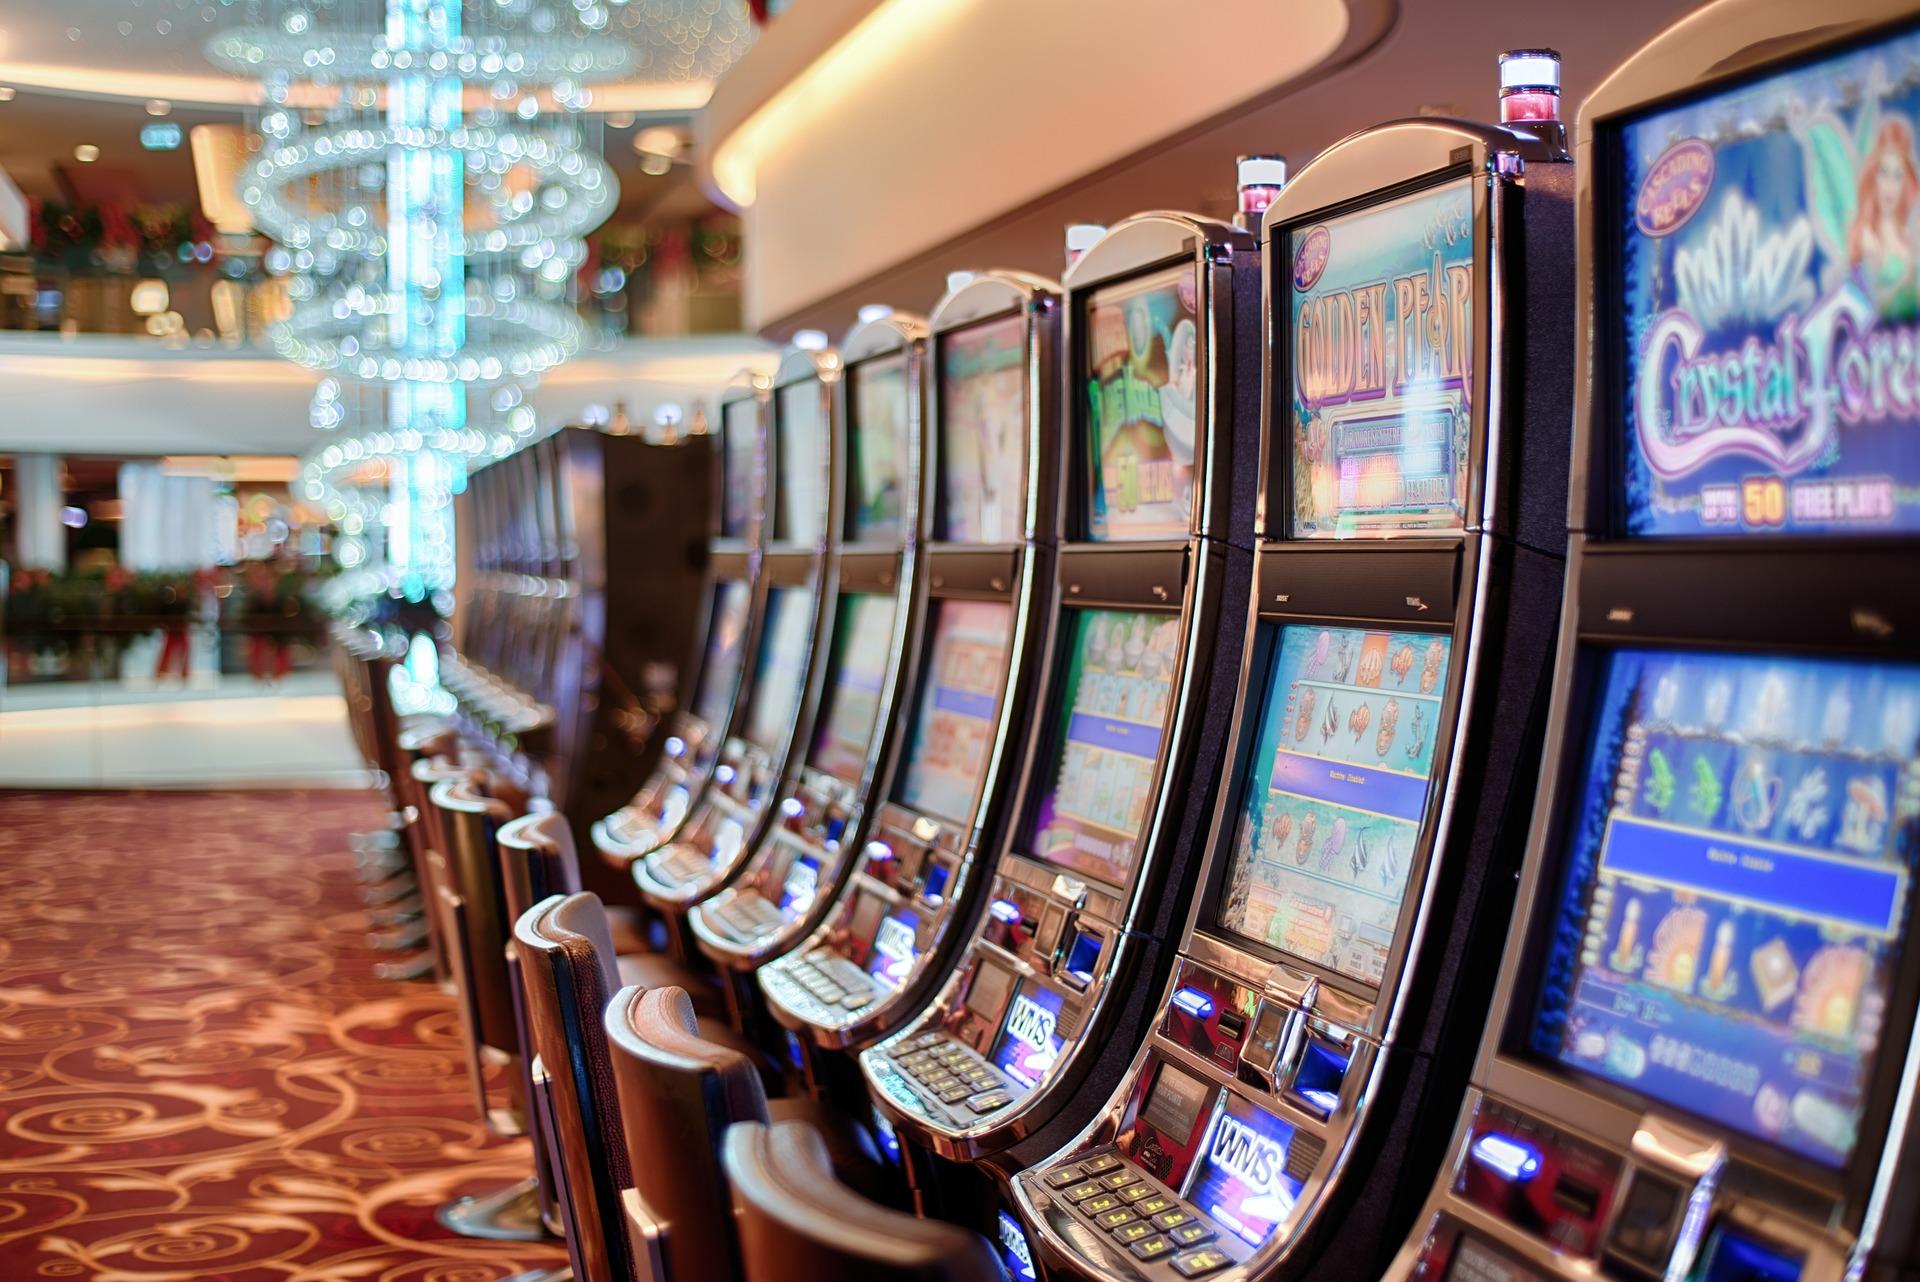 spilleautomater - Hvor almindeligt er det at gamble?